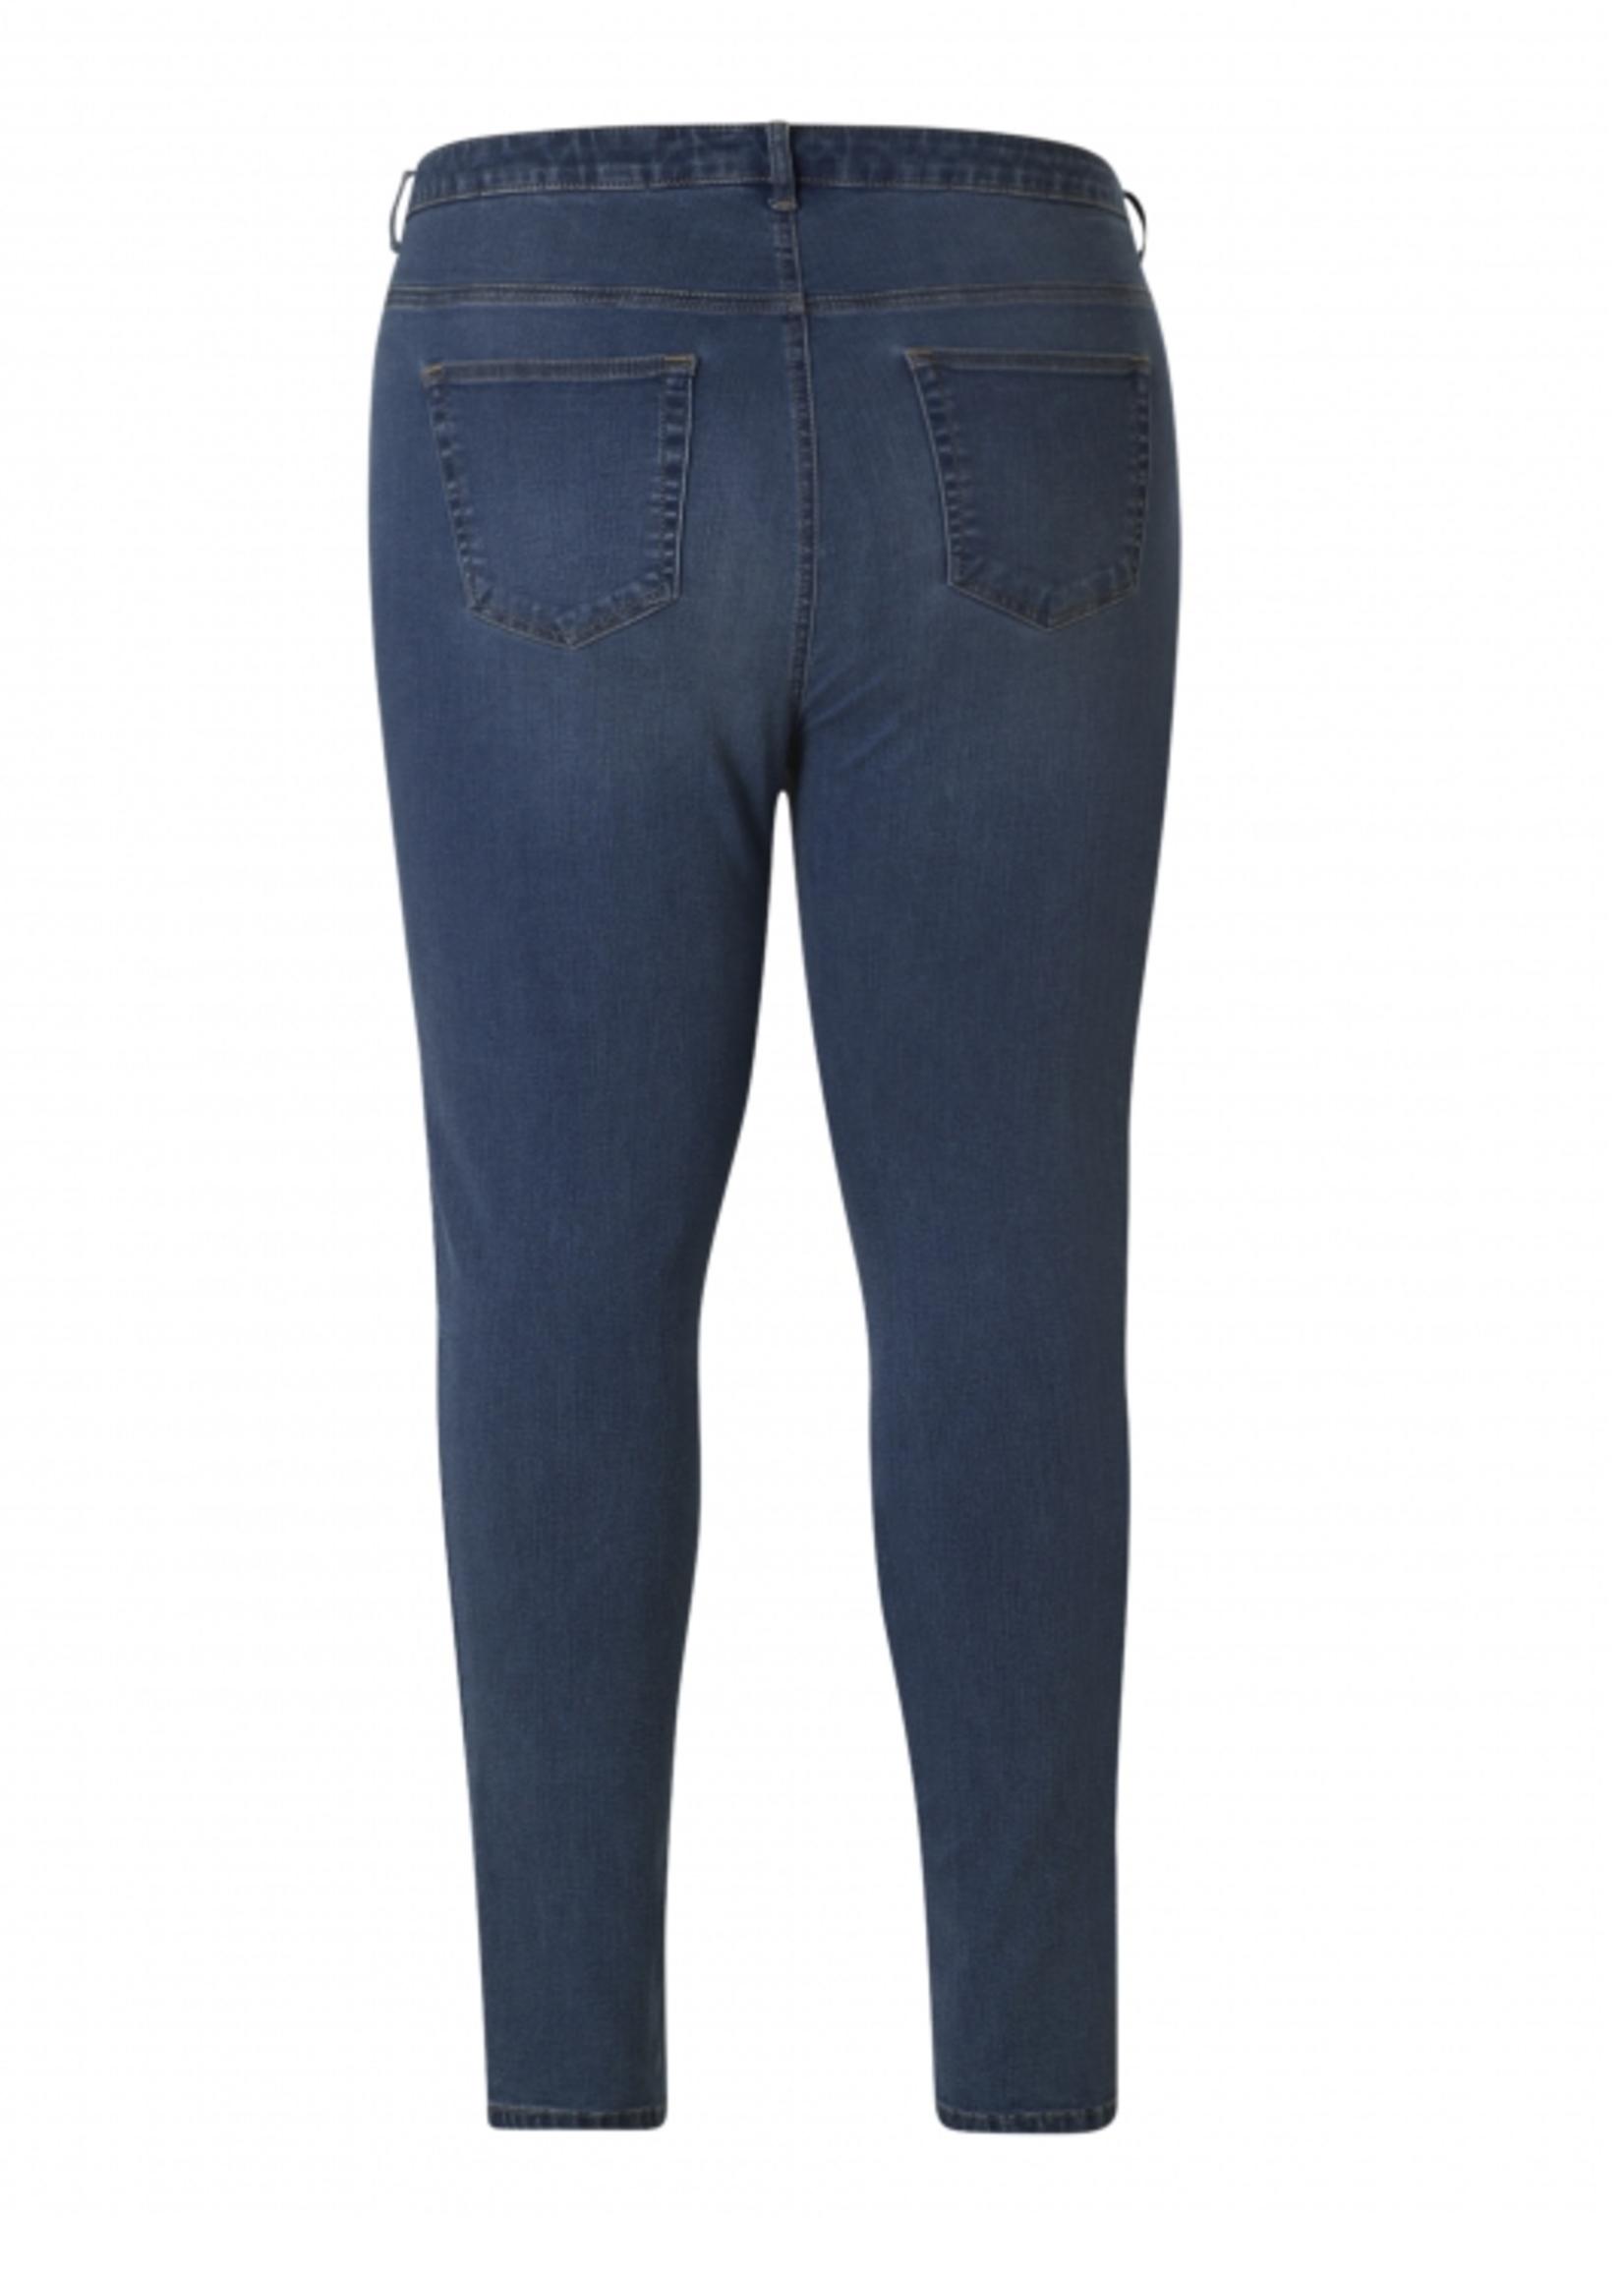 Yesta Yesta Faya Jeans